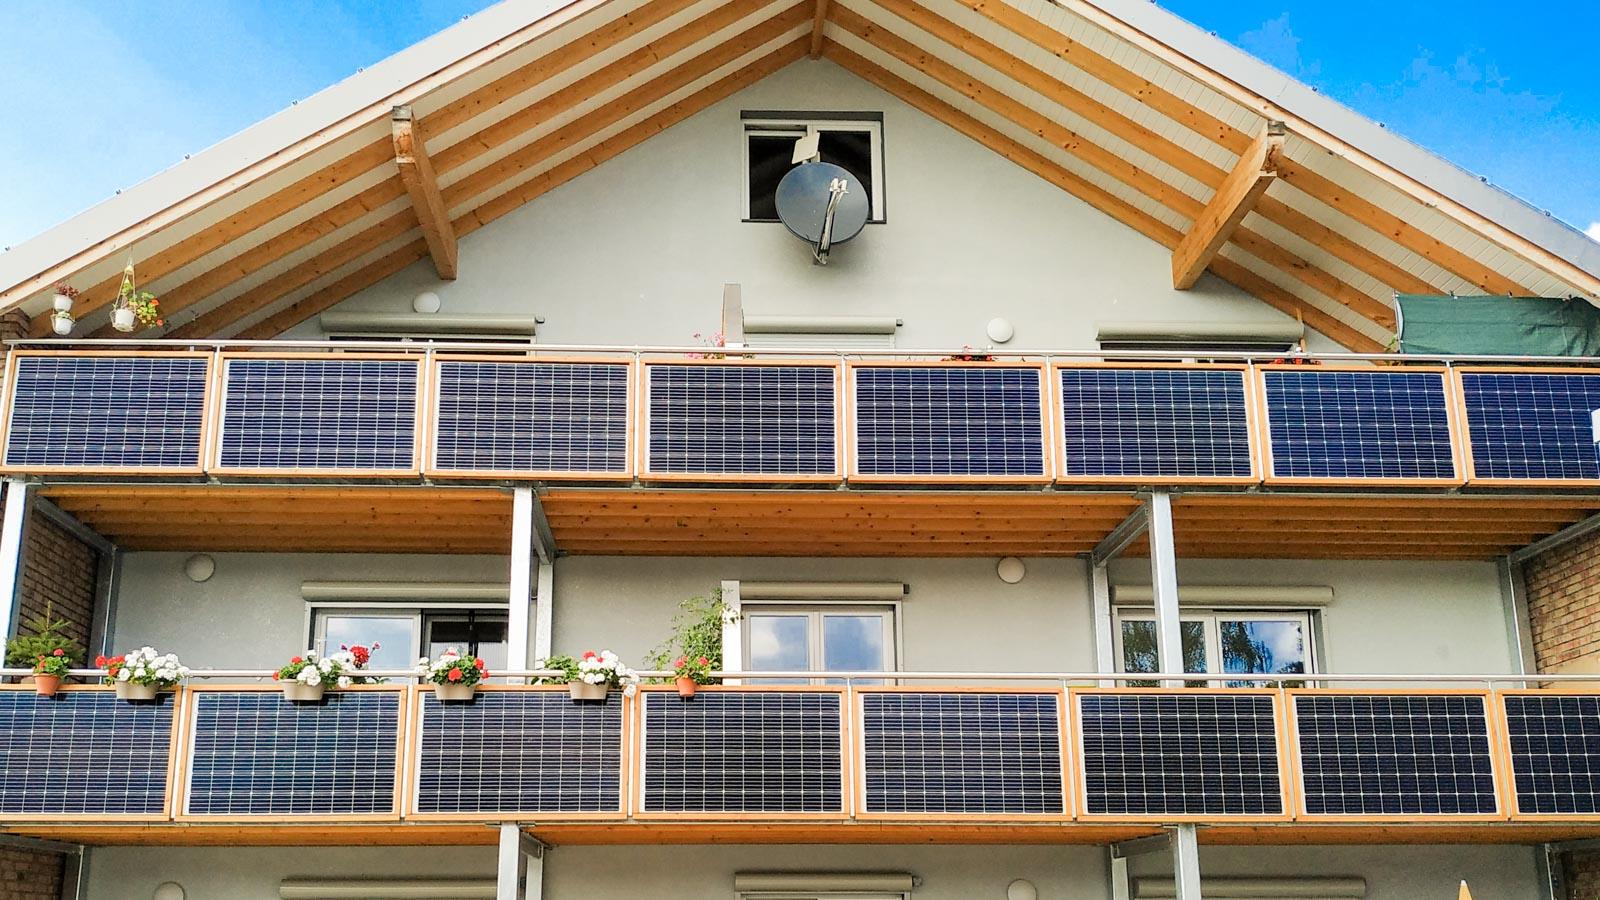 Haus mit Stecker-Solarpanels an allen Balkonbrüstungen